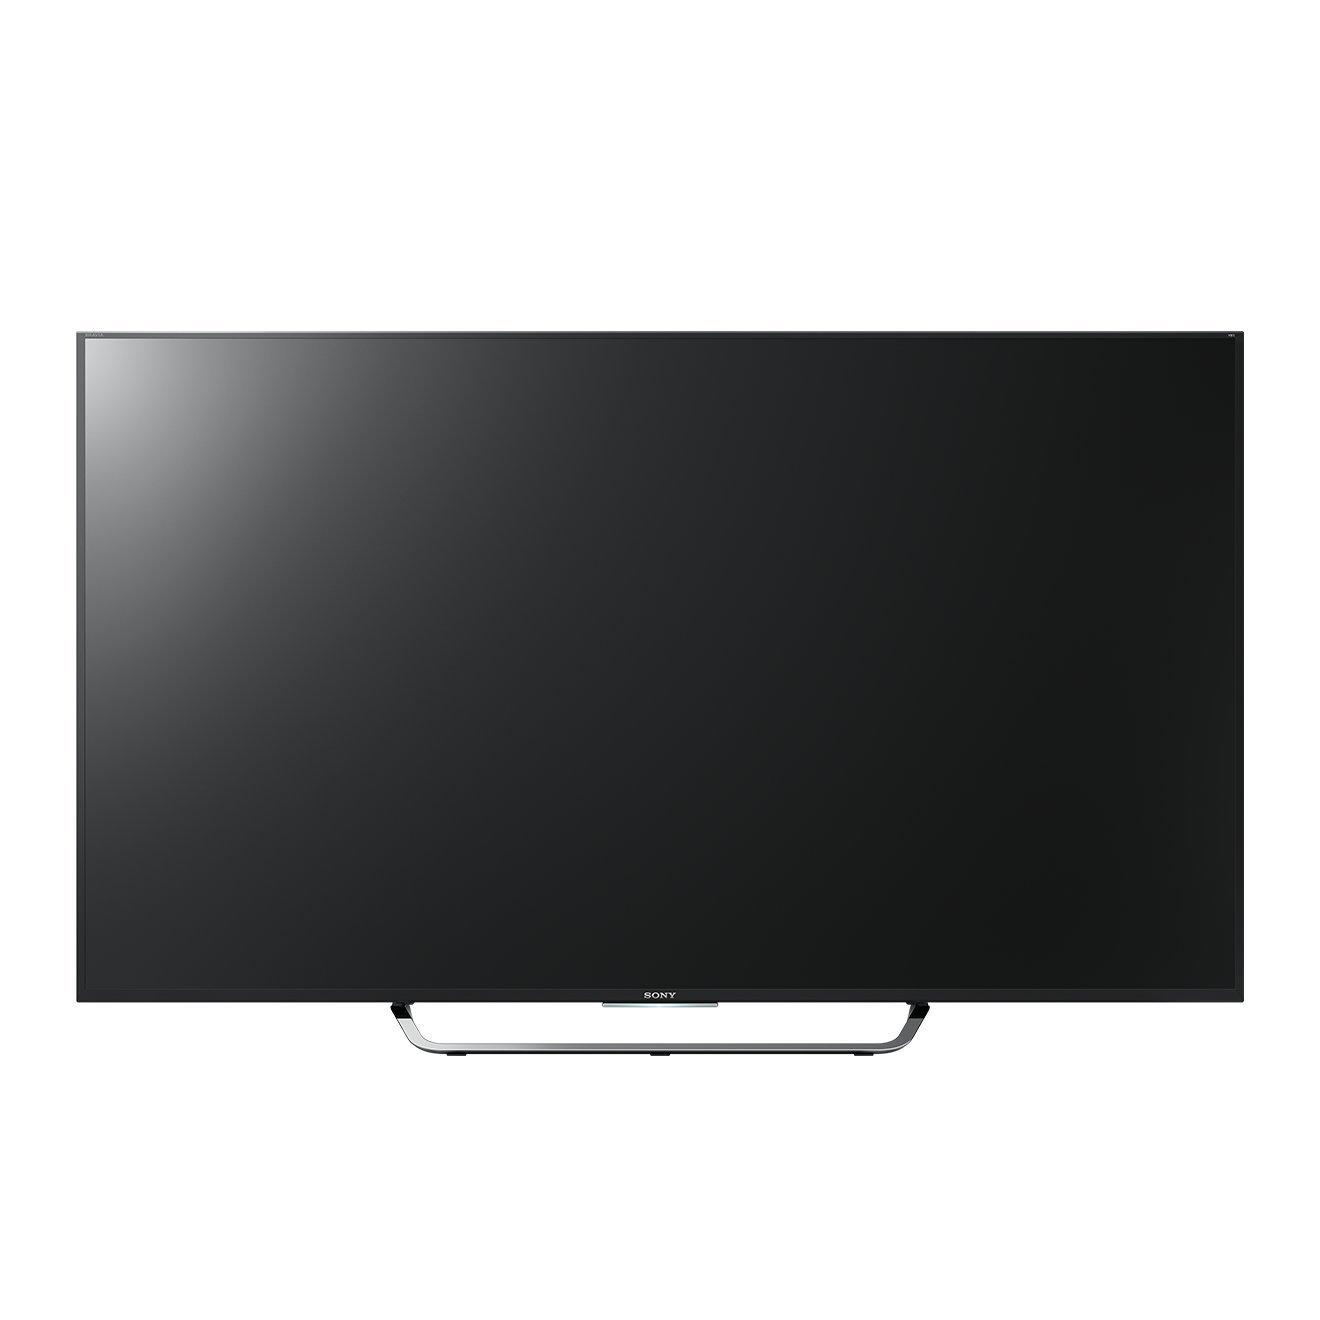 Sony KD-55X8509C Negro - Televisor LCD (Negro, 16:9, Activo): Sony ...